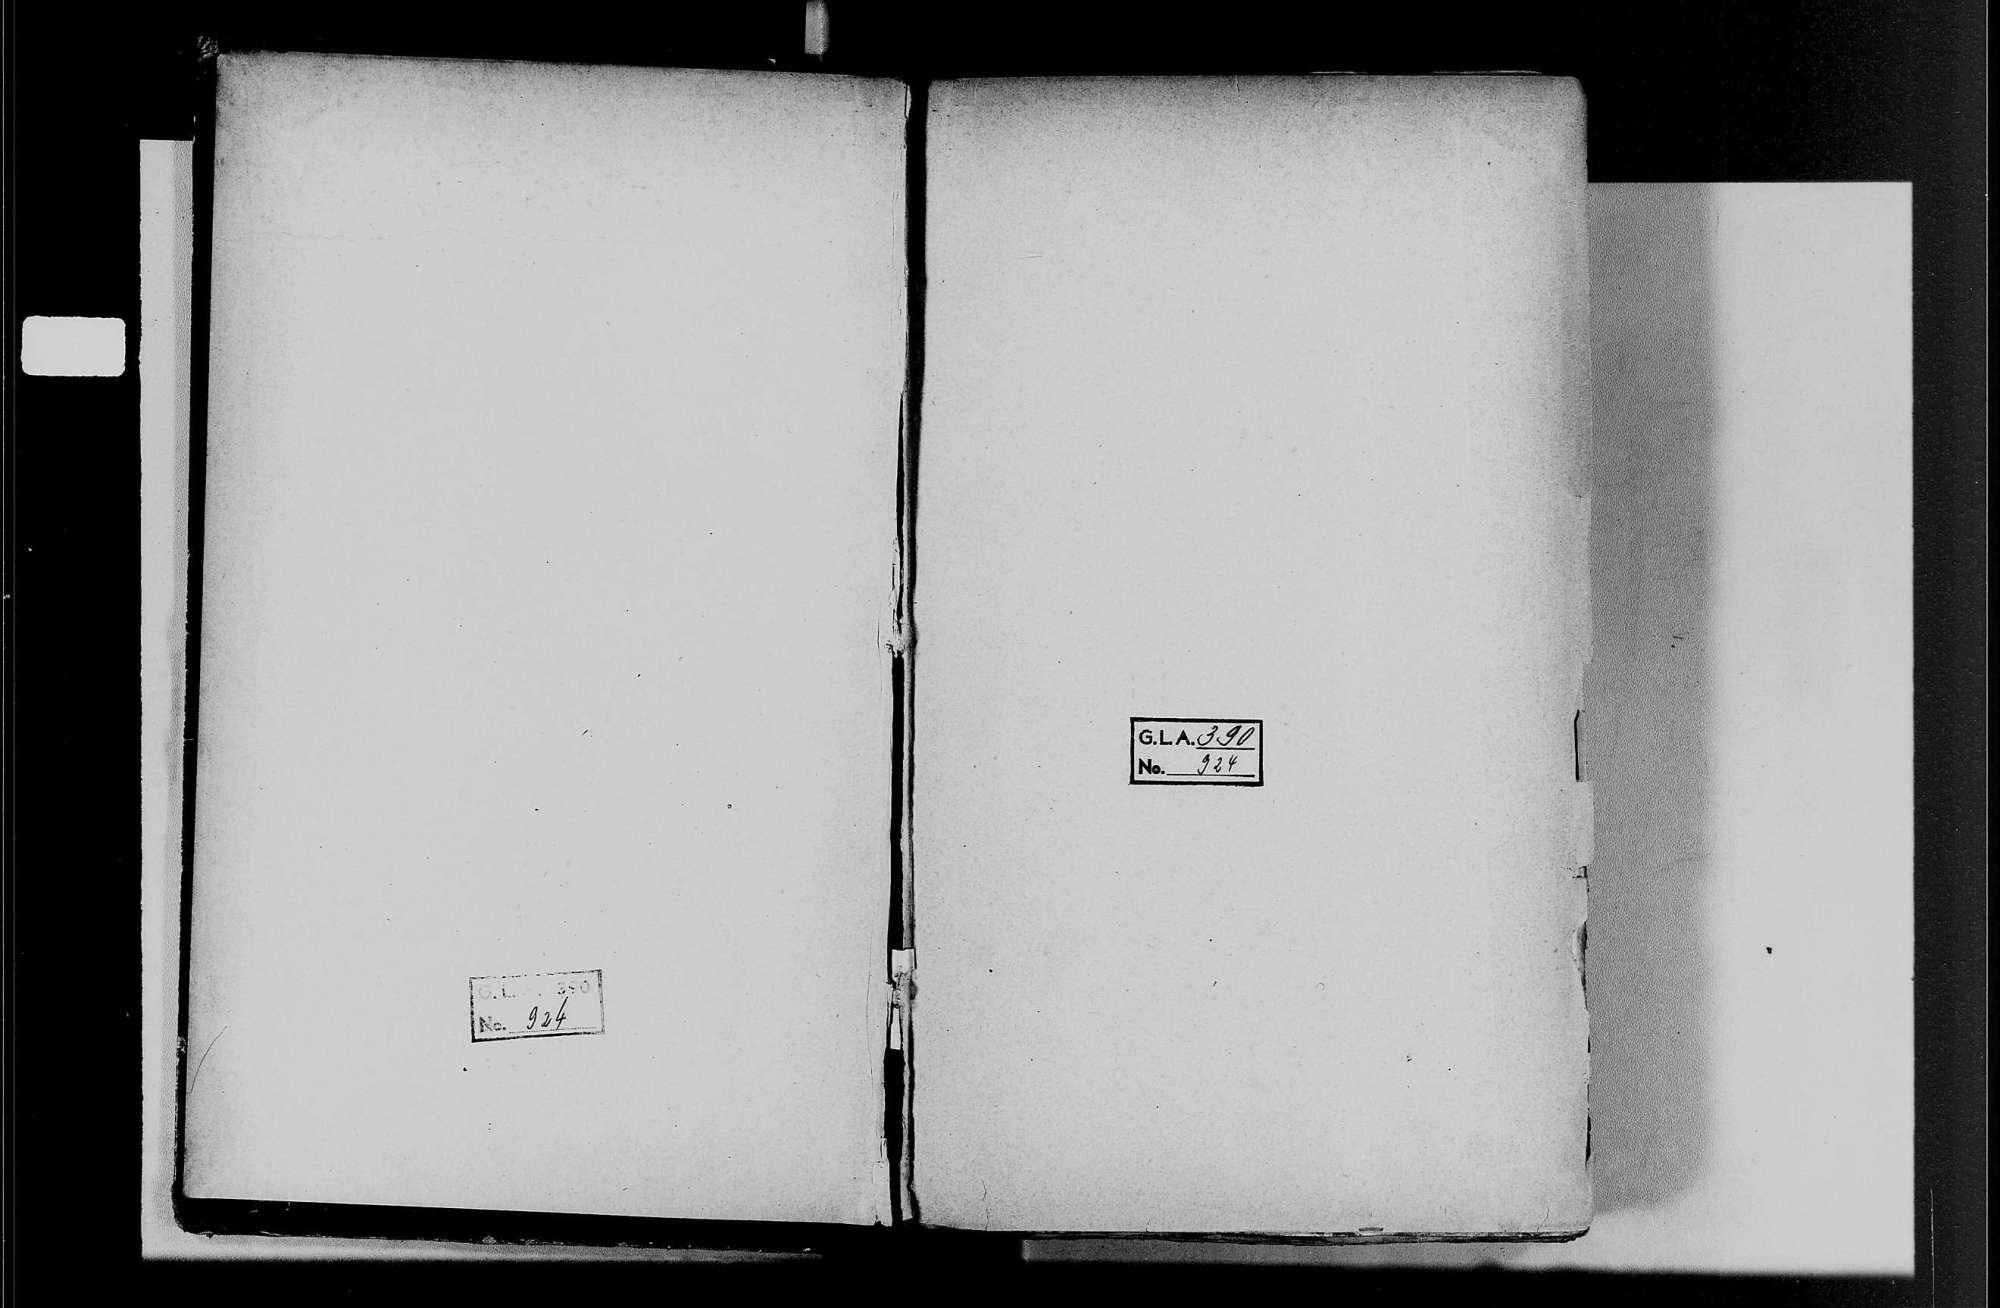 Ulm, katholische Gemeinde: Heiratsbuch 1810-1870, Bild 2